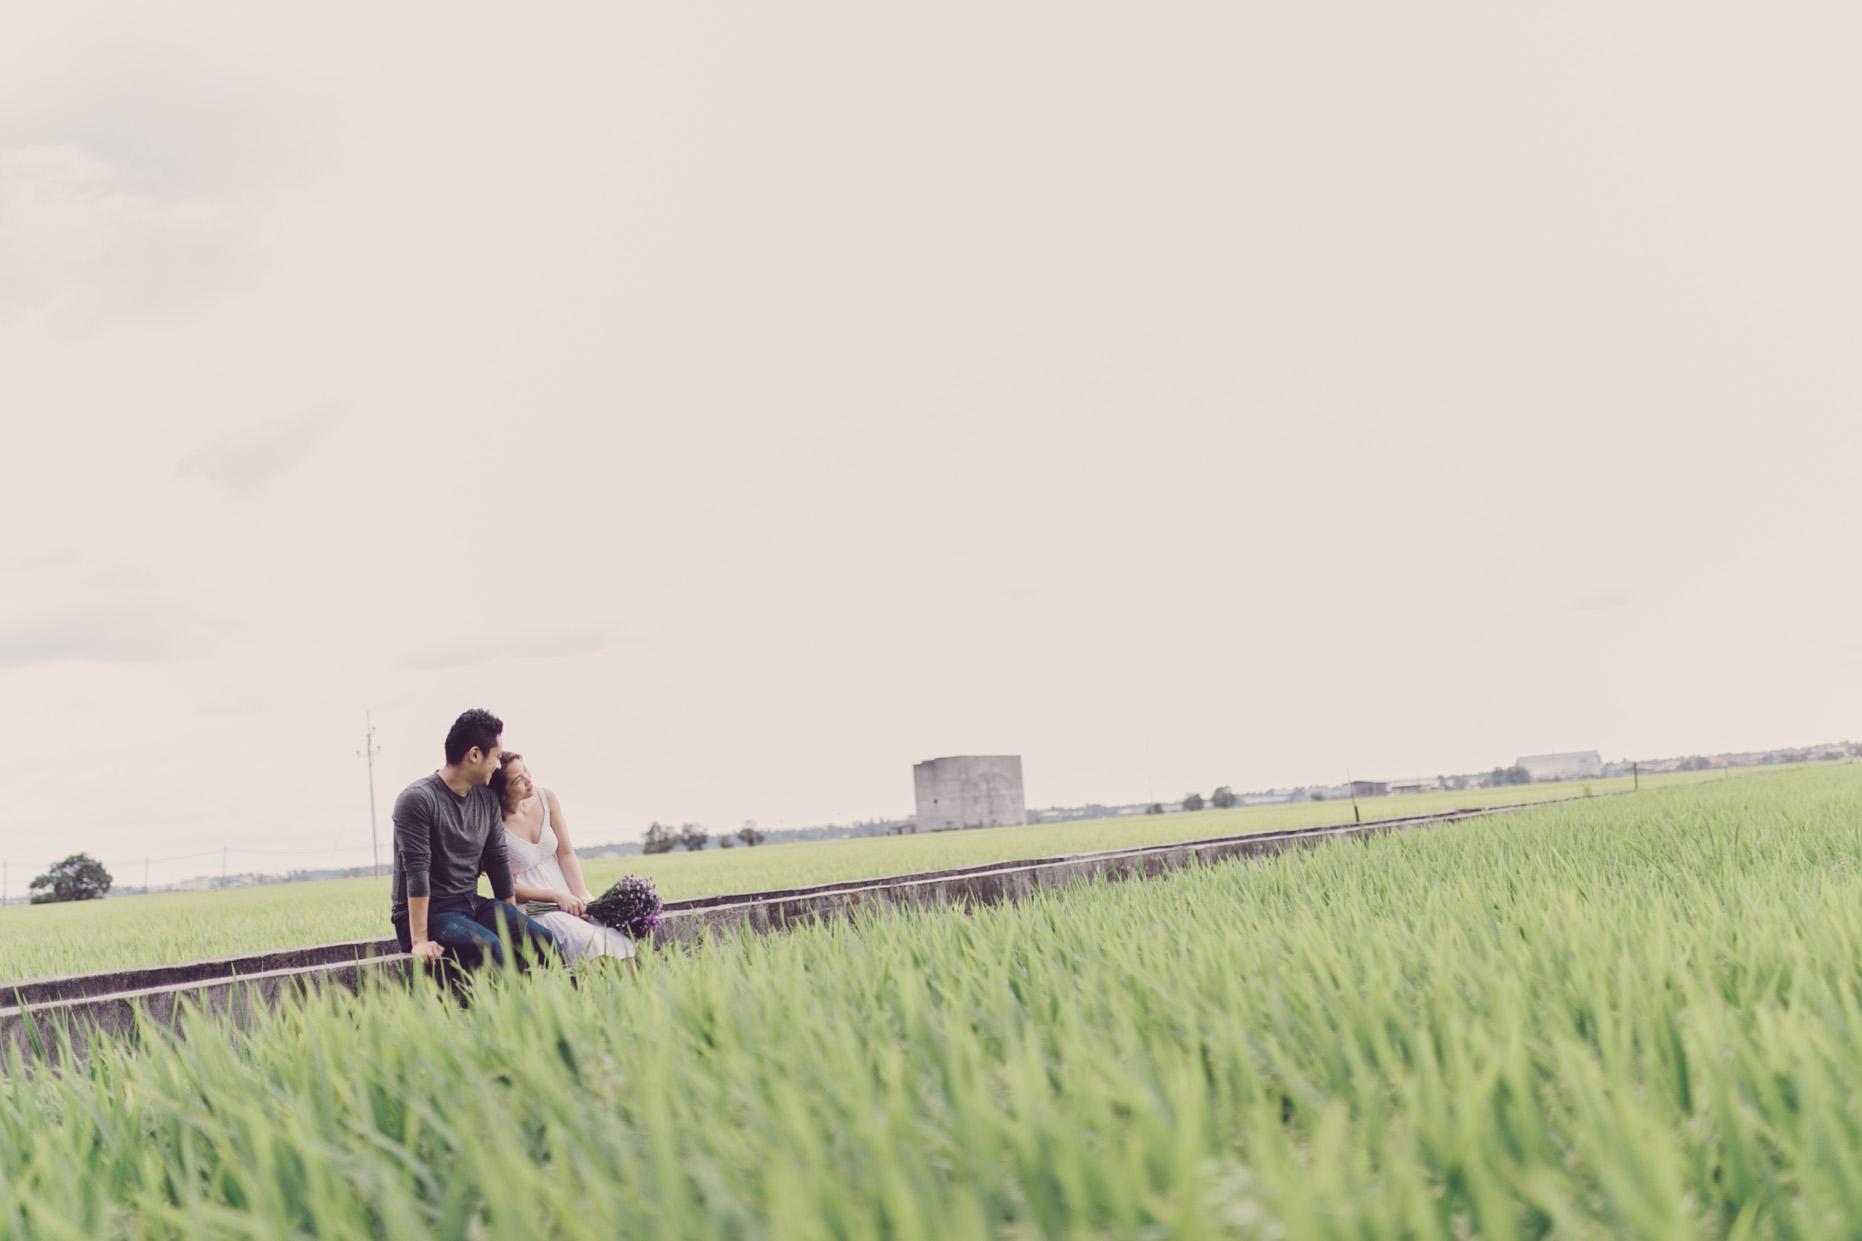 5-hellojanelee-couple-prewedding-malaysia-sekinchan-photoshoot